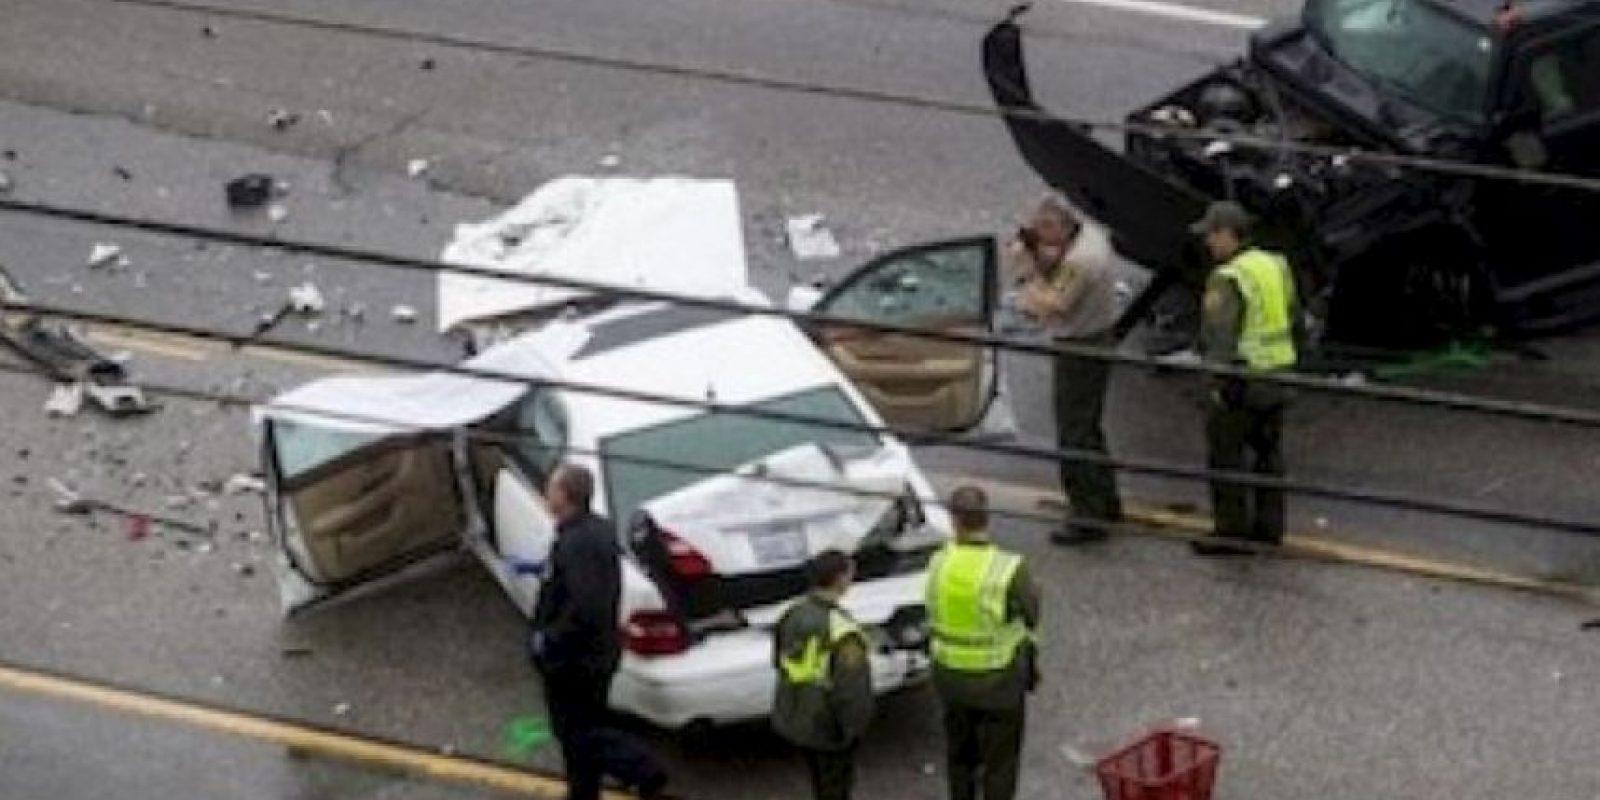 Y ahora la expareja de Kris Jenner es acusada de homicidio involuntario. Foto:The Grosby Group